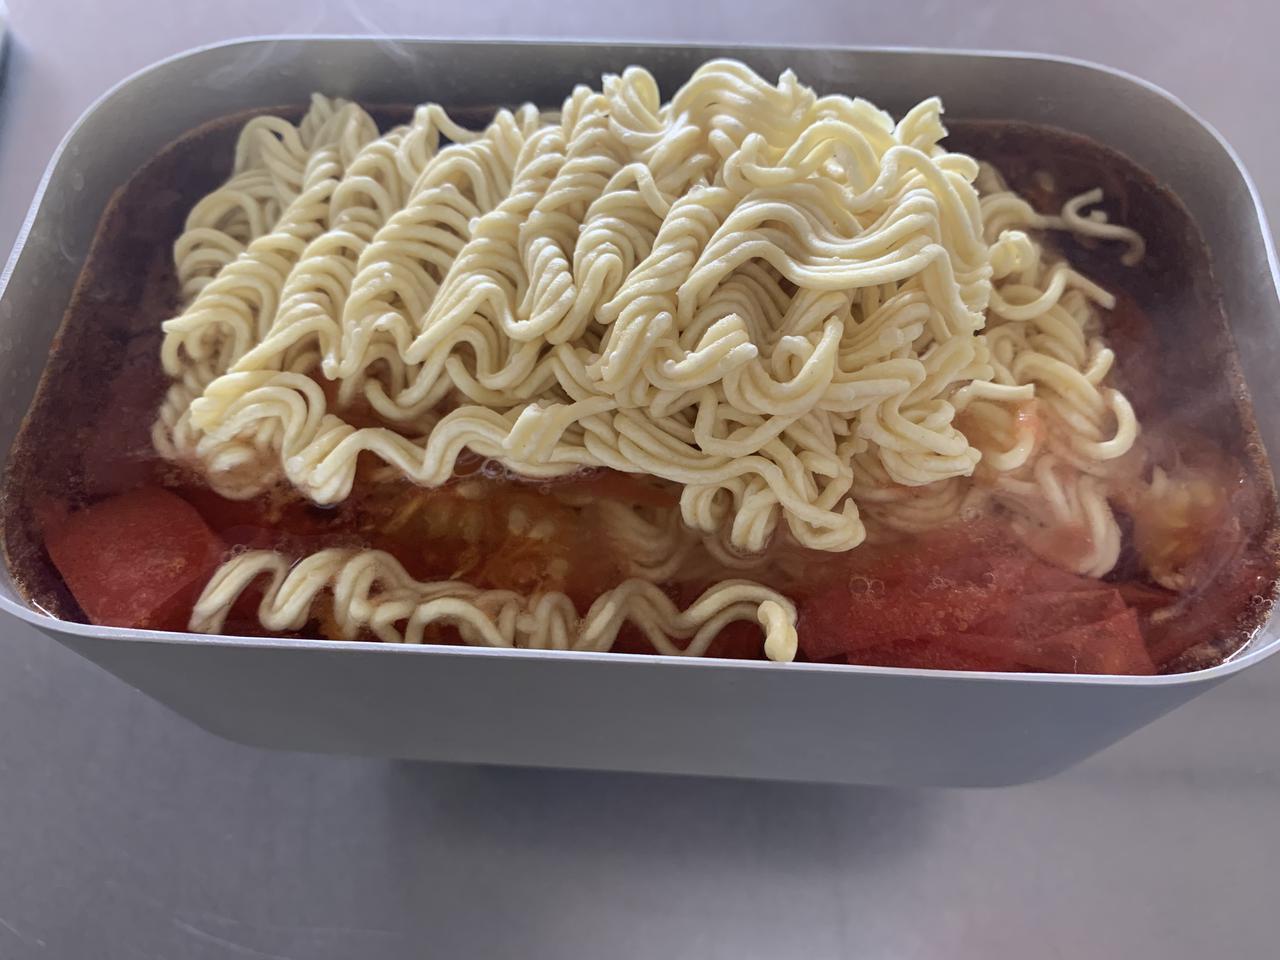 画像: 筆者撮影:麺を入れると湯の温度が下がってしまうので、袋の表示時間蓋をして煮て、その後ほぐして麺が柔らかくなるまでなる方法が一番上手に作れました